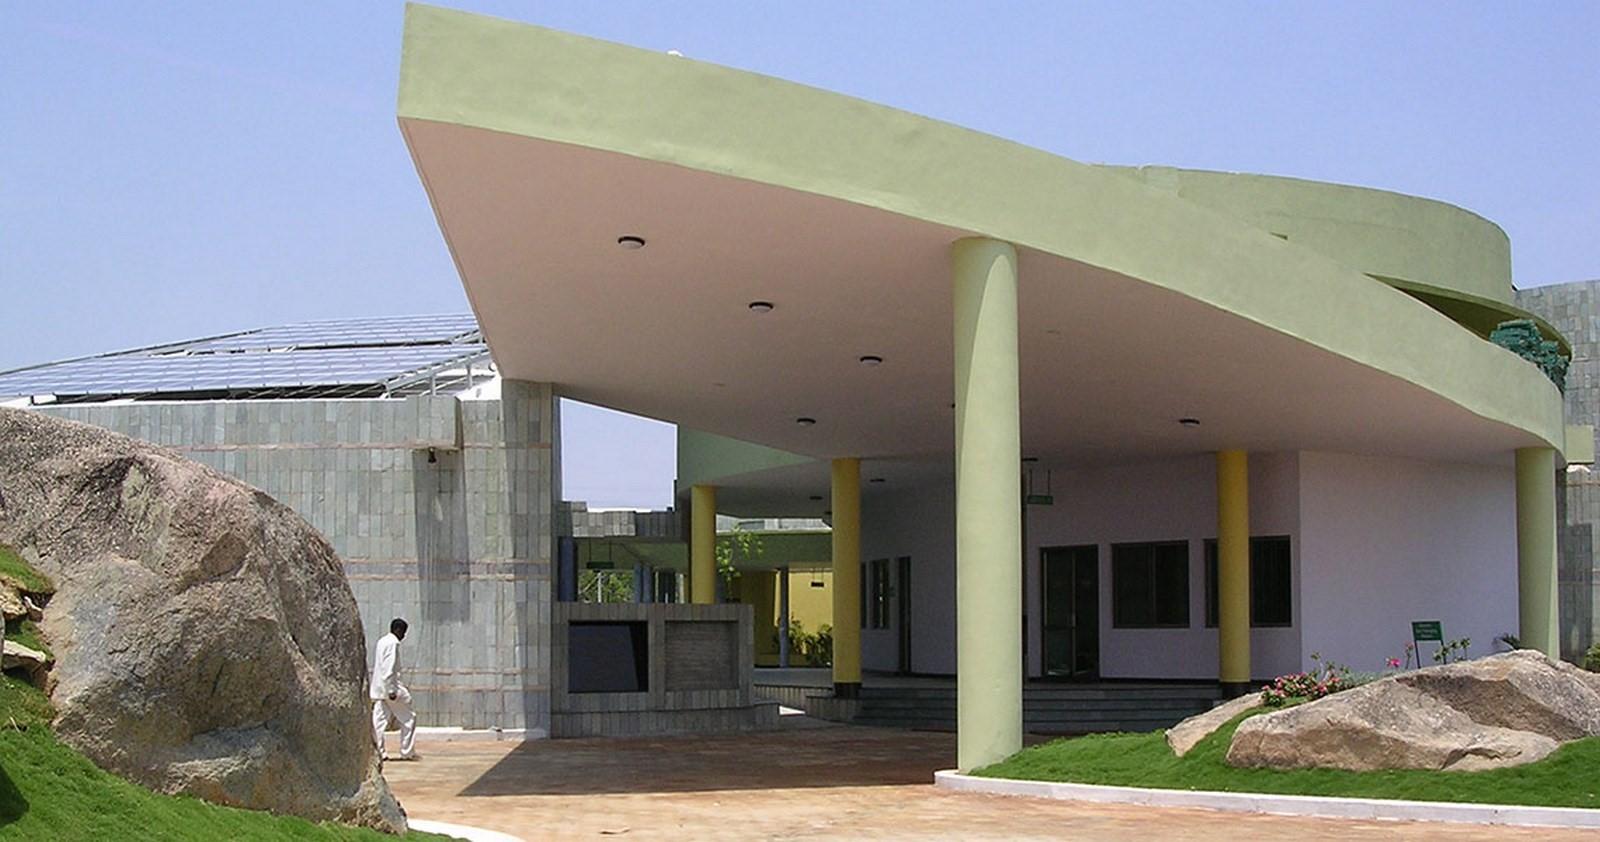 Sohrabji Godrej Green Business Centre, Hyderabad, India - Sheet2